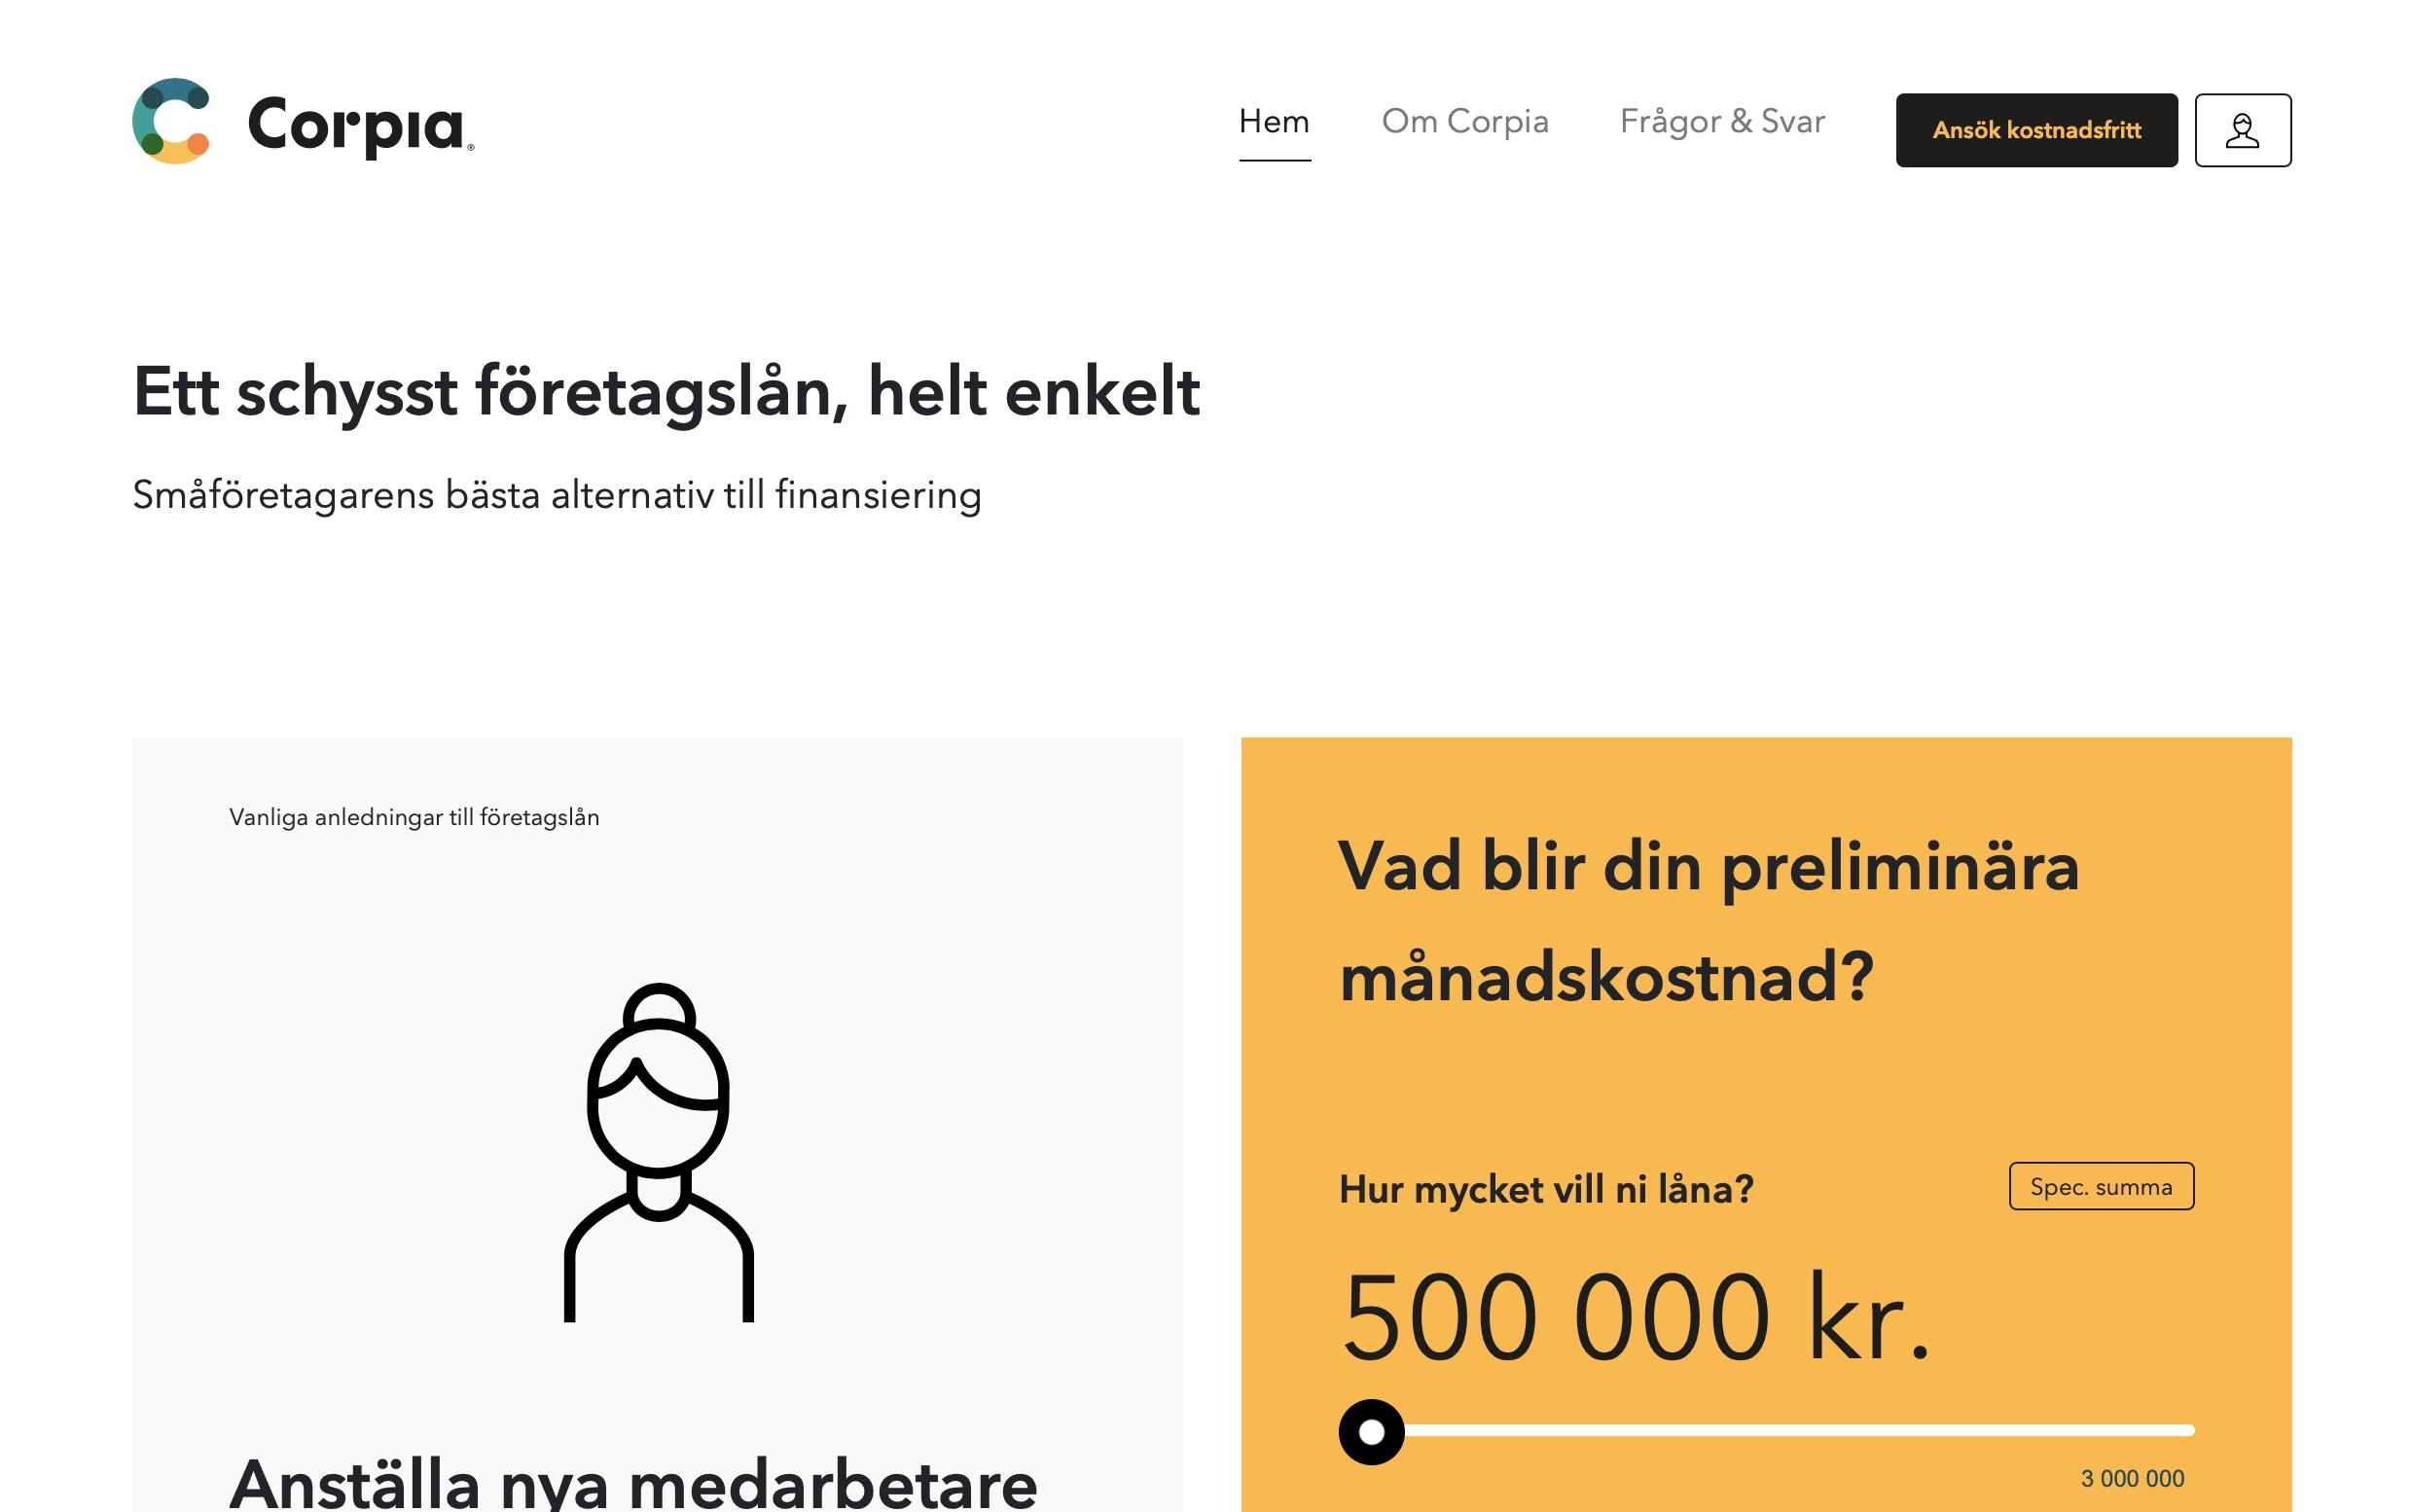 Corpia företagsfinans stor bild